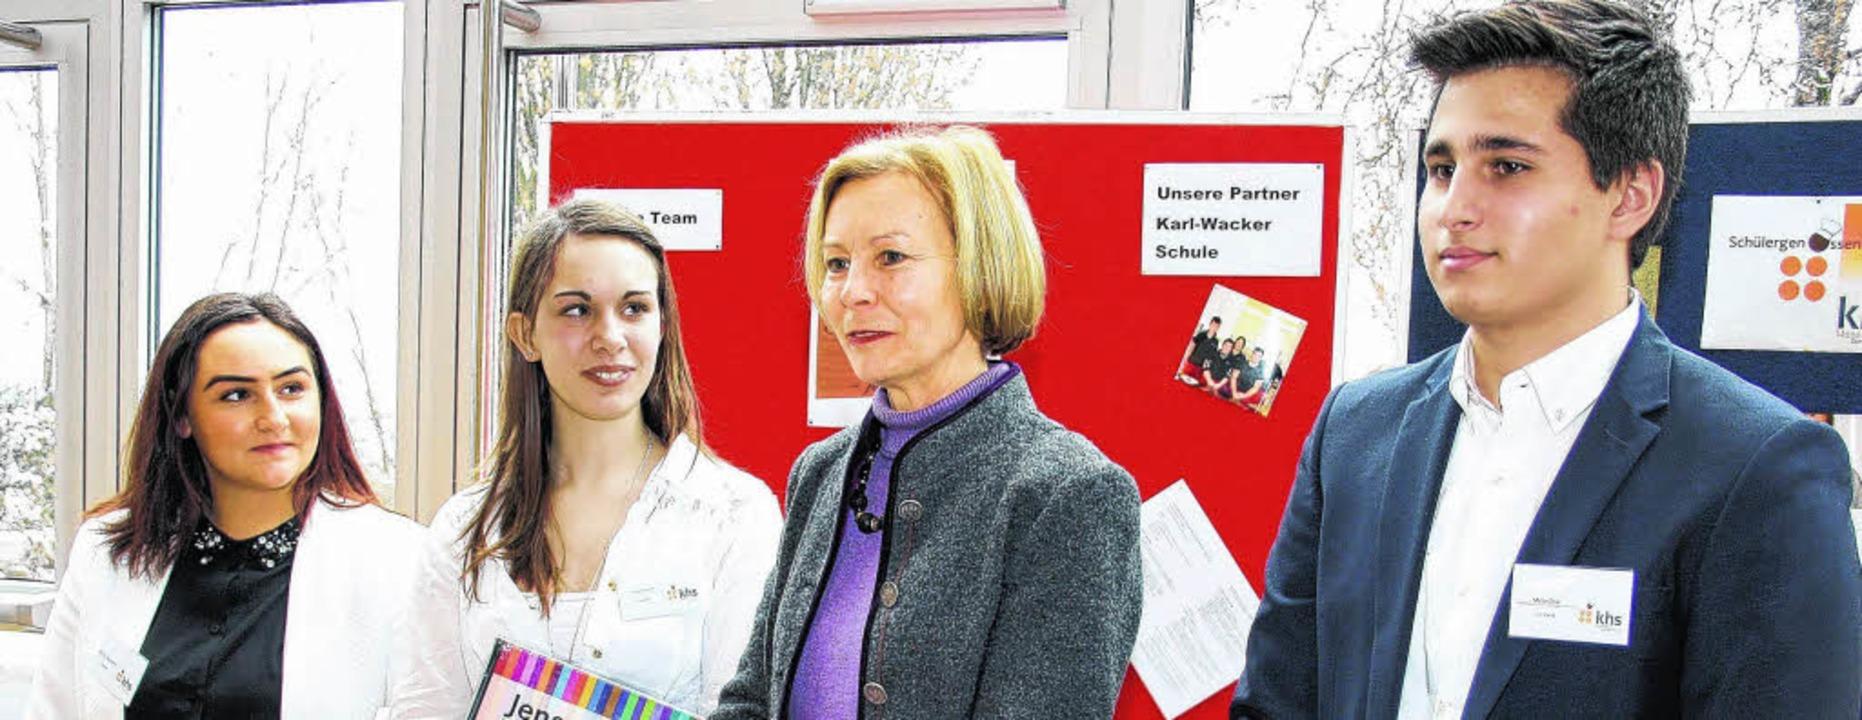 Der Vorstand der KHS Mensagenossenscha...fessorin Nicole Göler und Mete Ünal.      Foto: Molitor